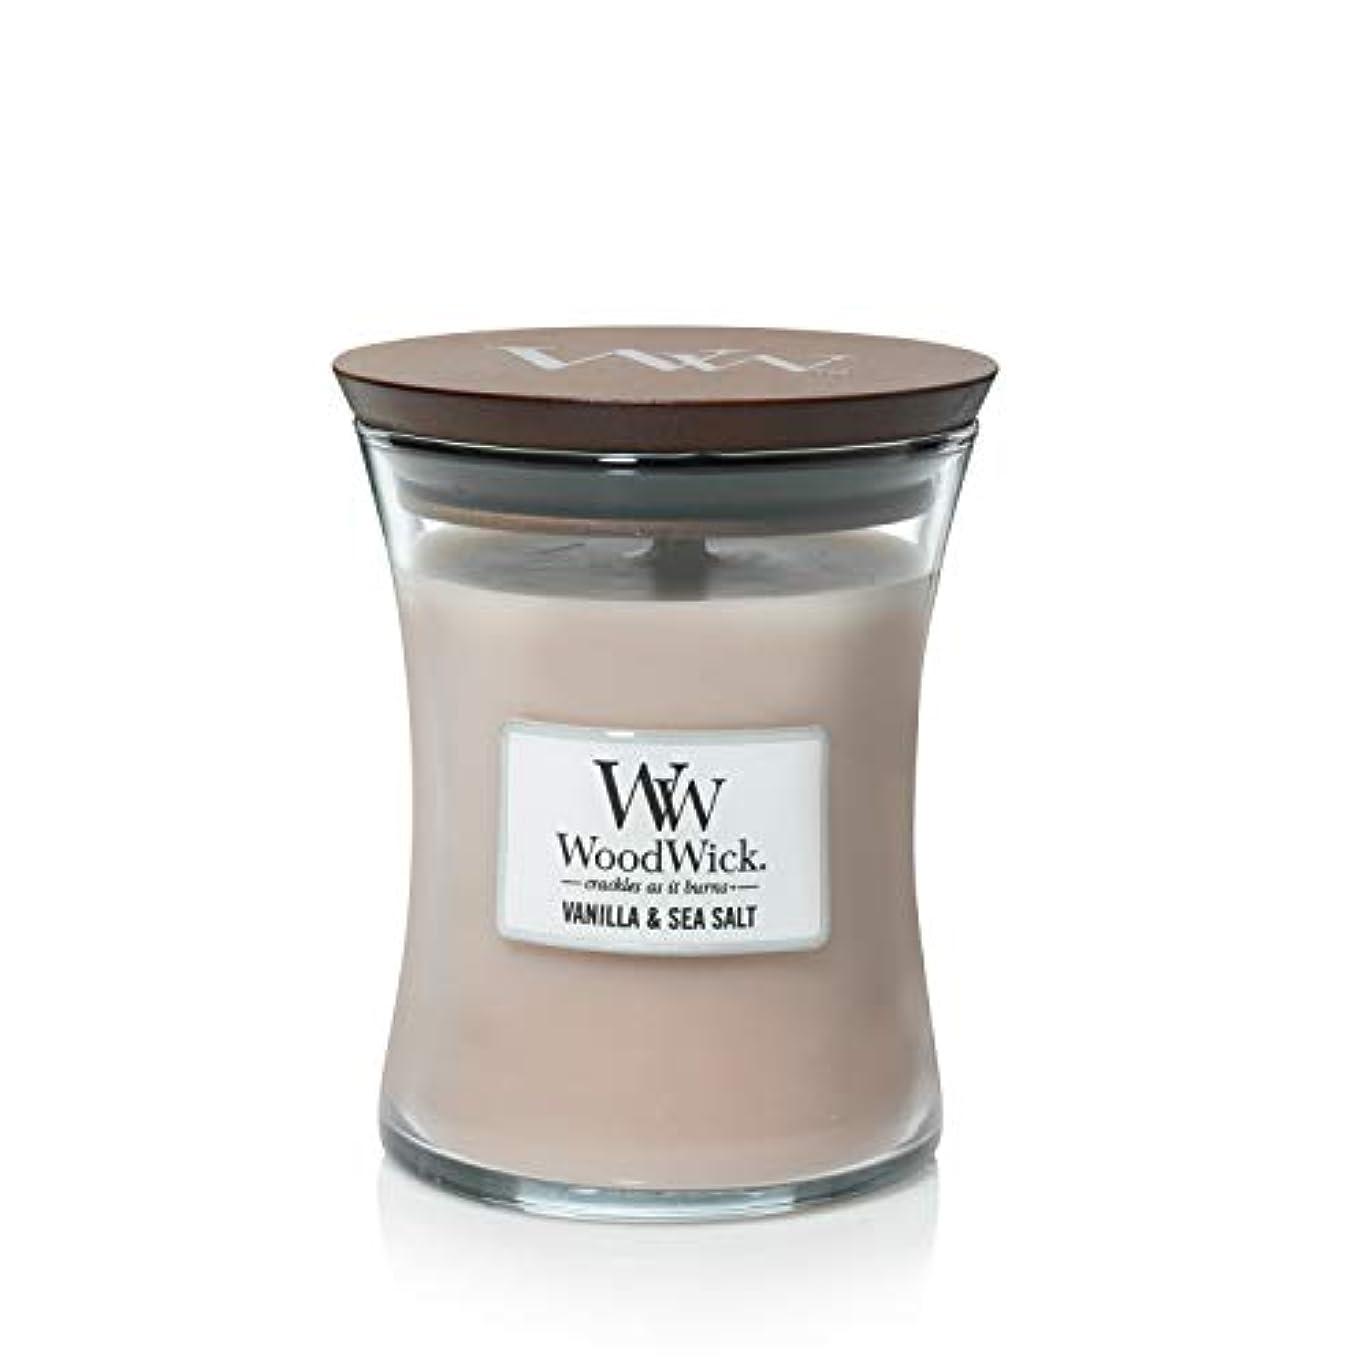 コーデリアいたずらなマーティンルーサーキングジュニアバニラSea Salt WoodWick 10 oz Medium砂時計Jar Candle Burns 100時間